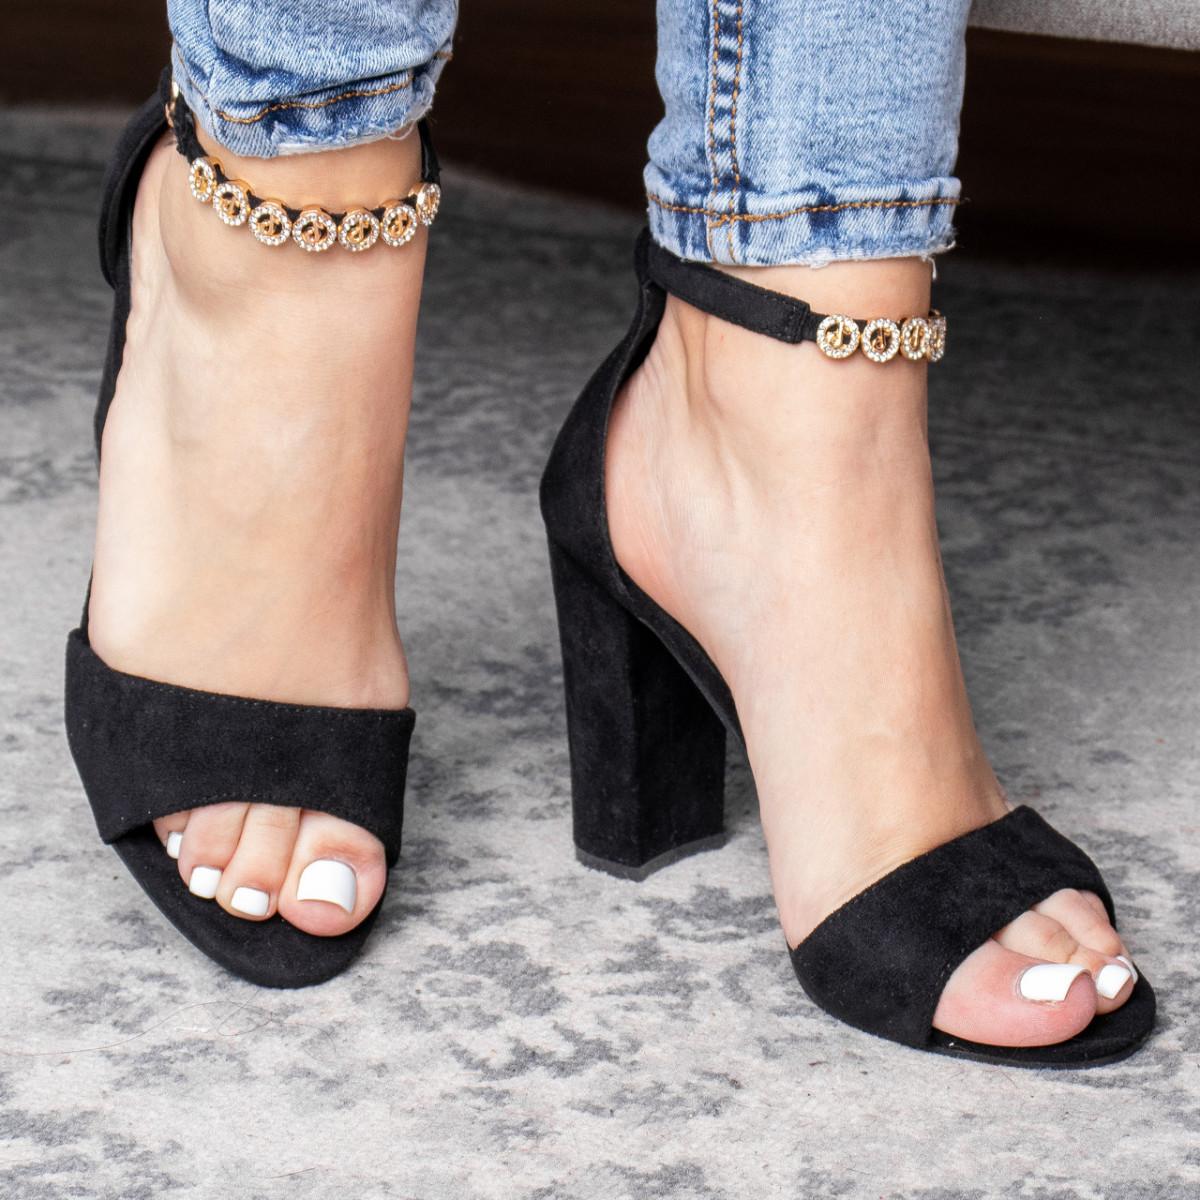 Женские босоножки Fashion Flash 3102 37 размер 24 см Черный